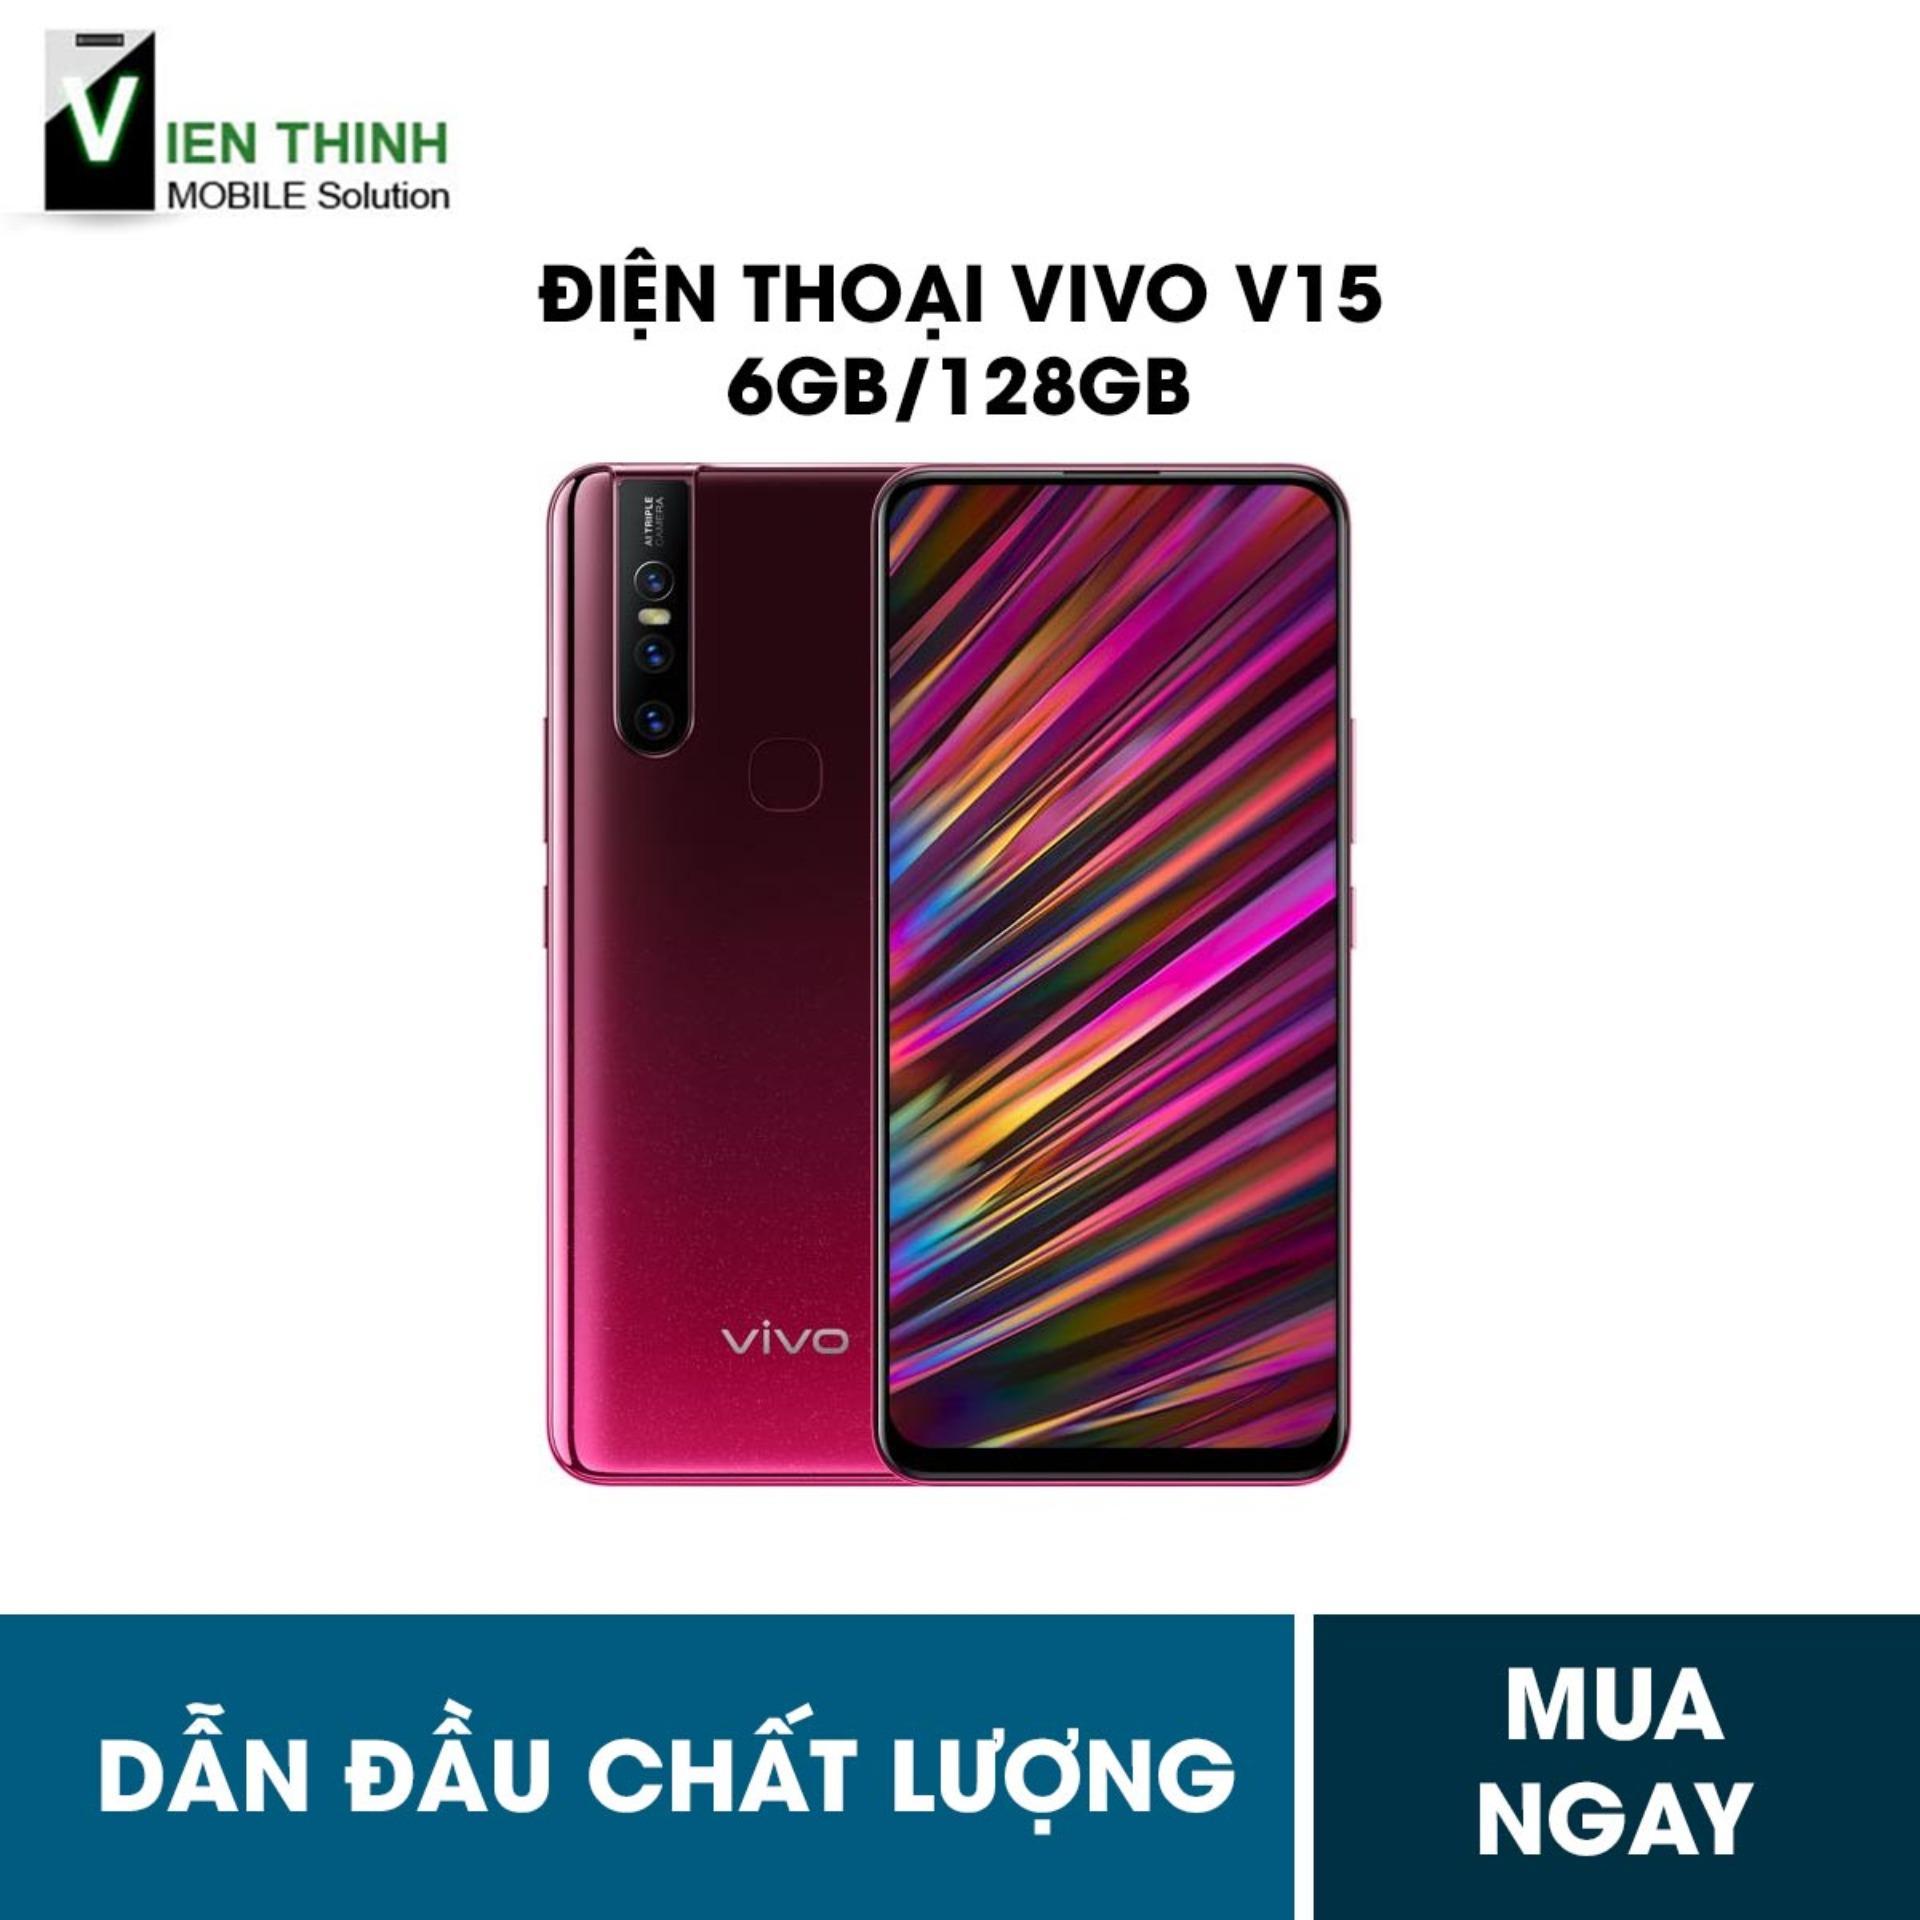 Điện Thoại Vivo V15 6GB/128GB - Hàng chính hãng